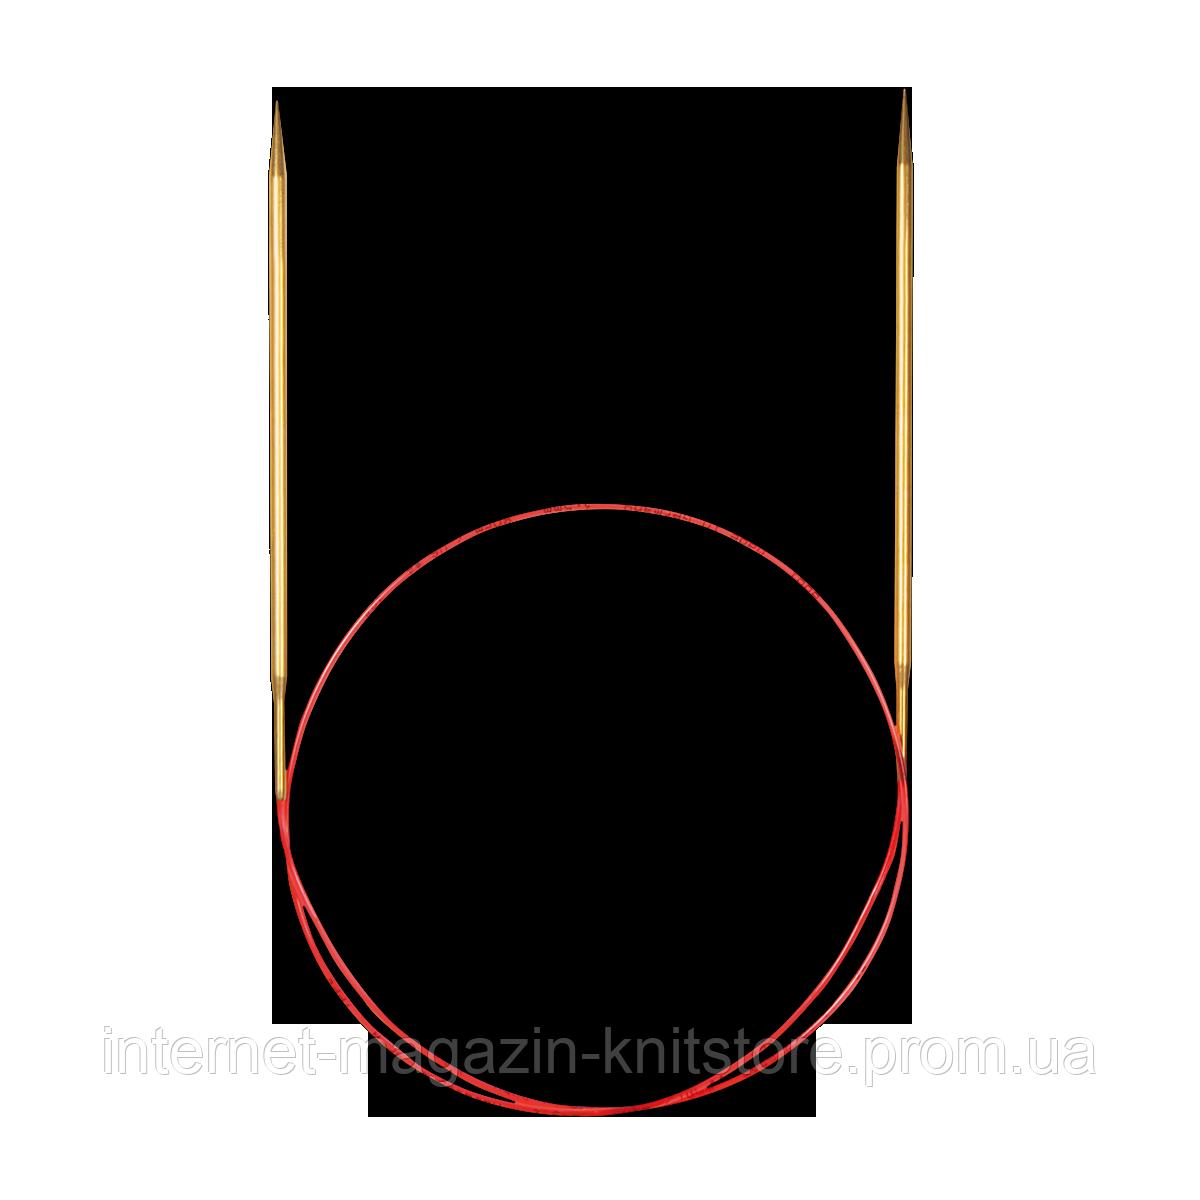 Спиці Addi | кругові | з подовженим кінчиком | 40 см | 2 мм